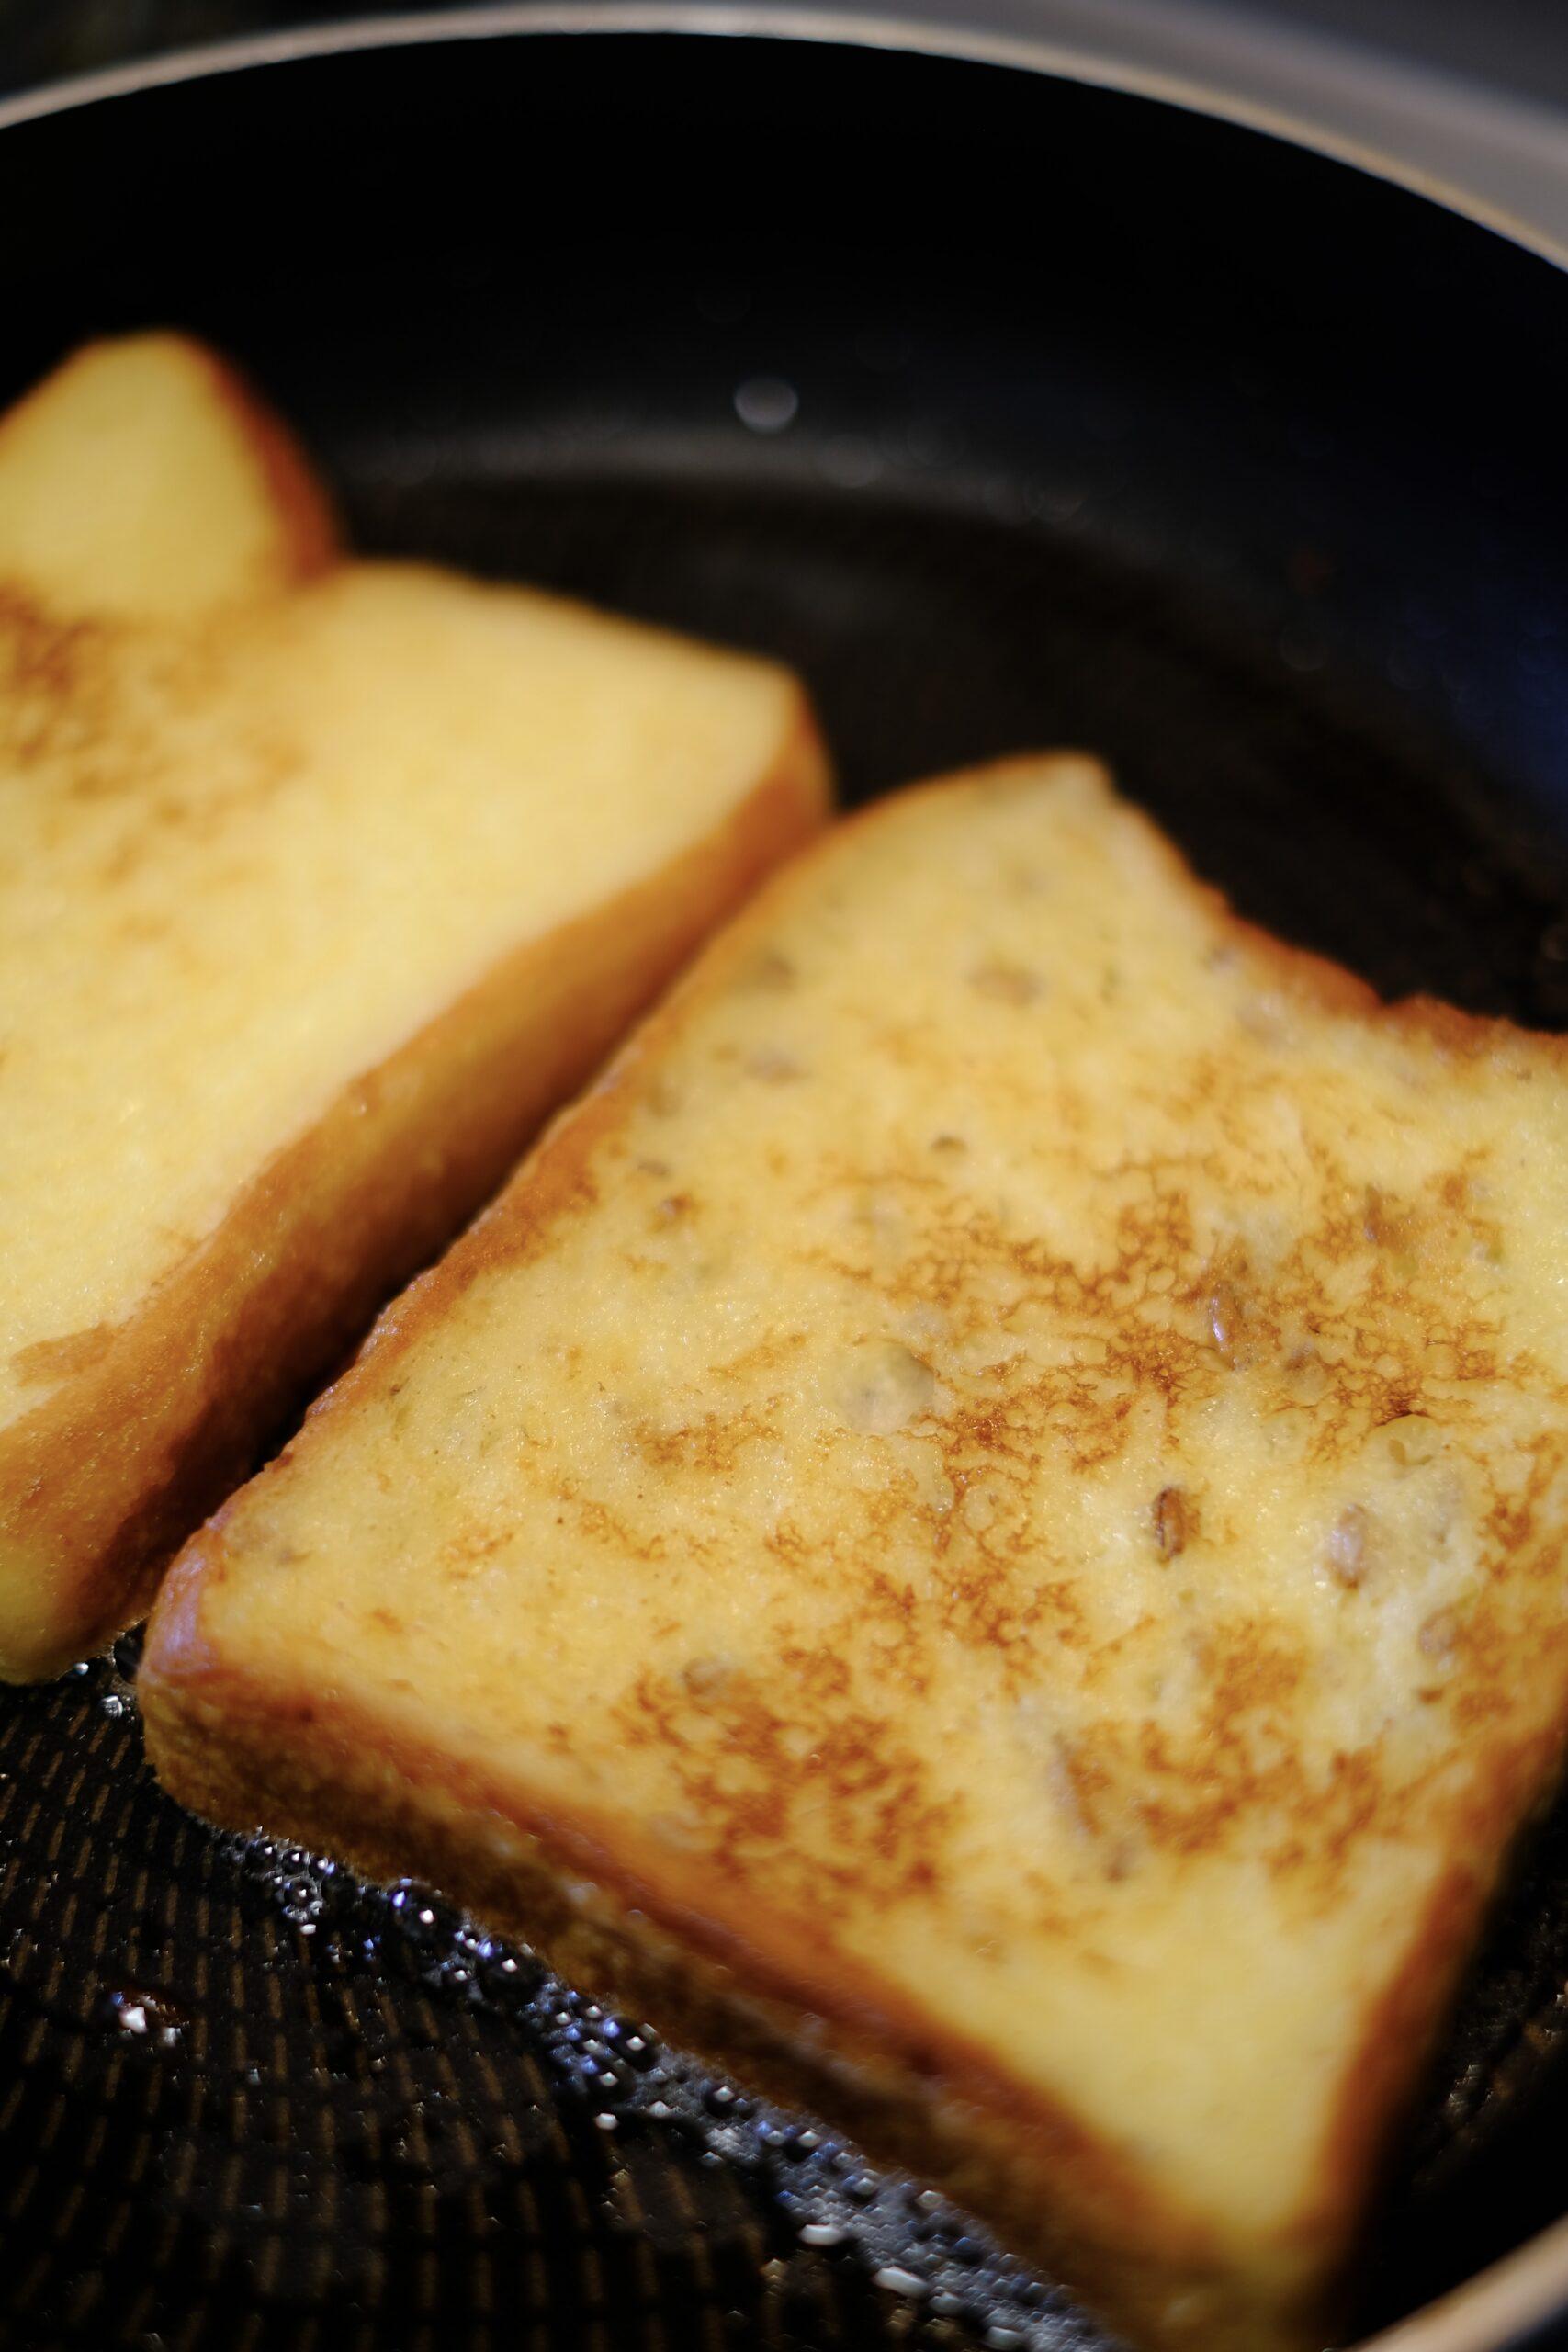 フライパンで焼いているパンに焼き色がついているようすの画像です